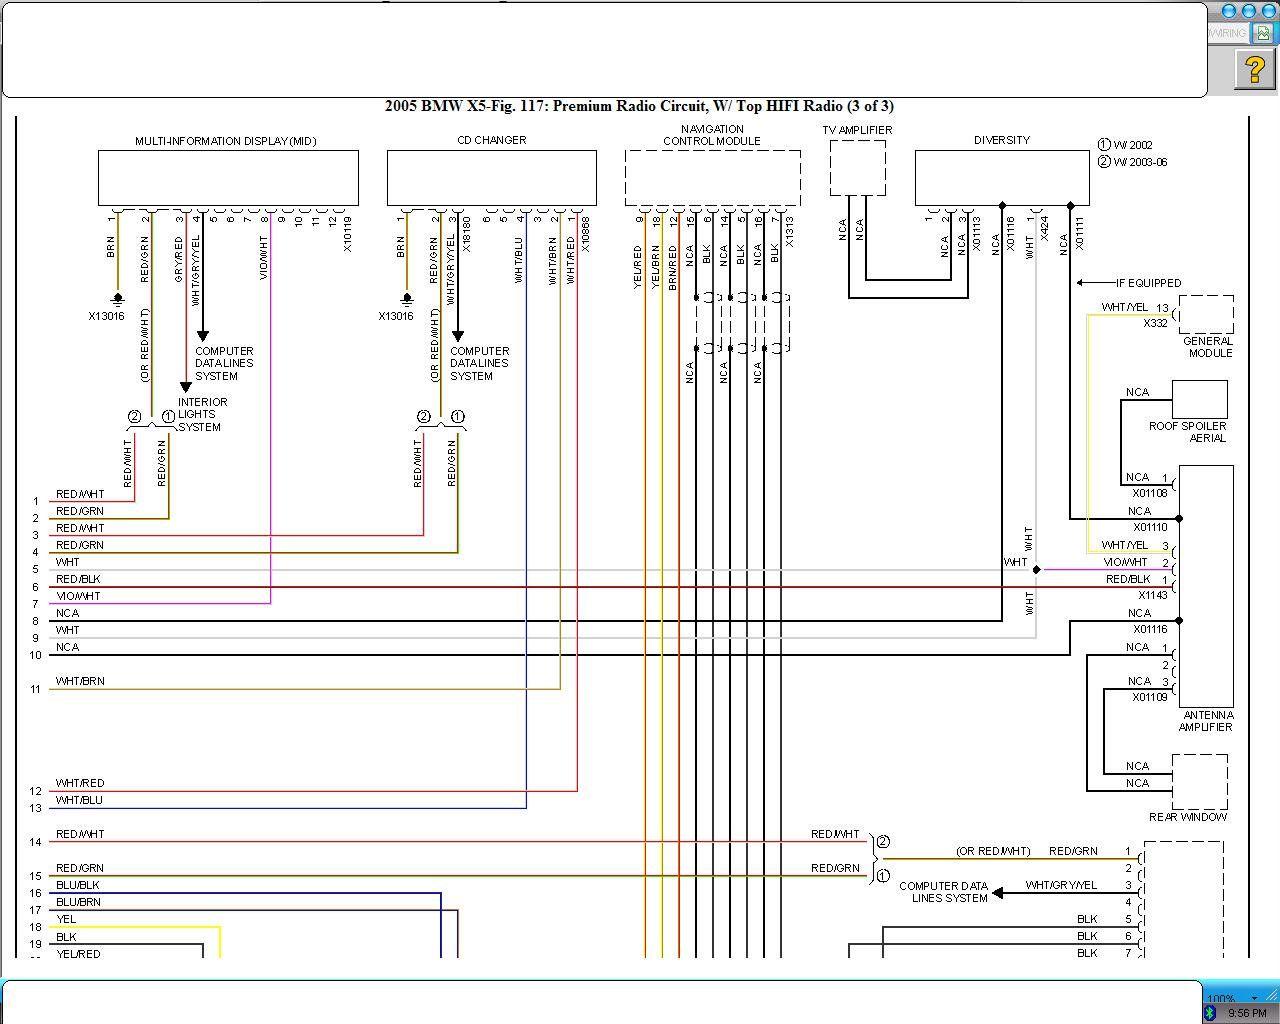 bmw x5 wiring diagram efcaviation com and e53 diagramas e60 wiring diagram bmw e53 wiring diagrams [ 1280 x 1024 Pixel ]